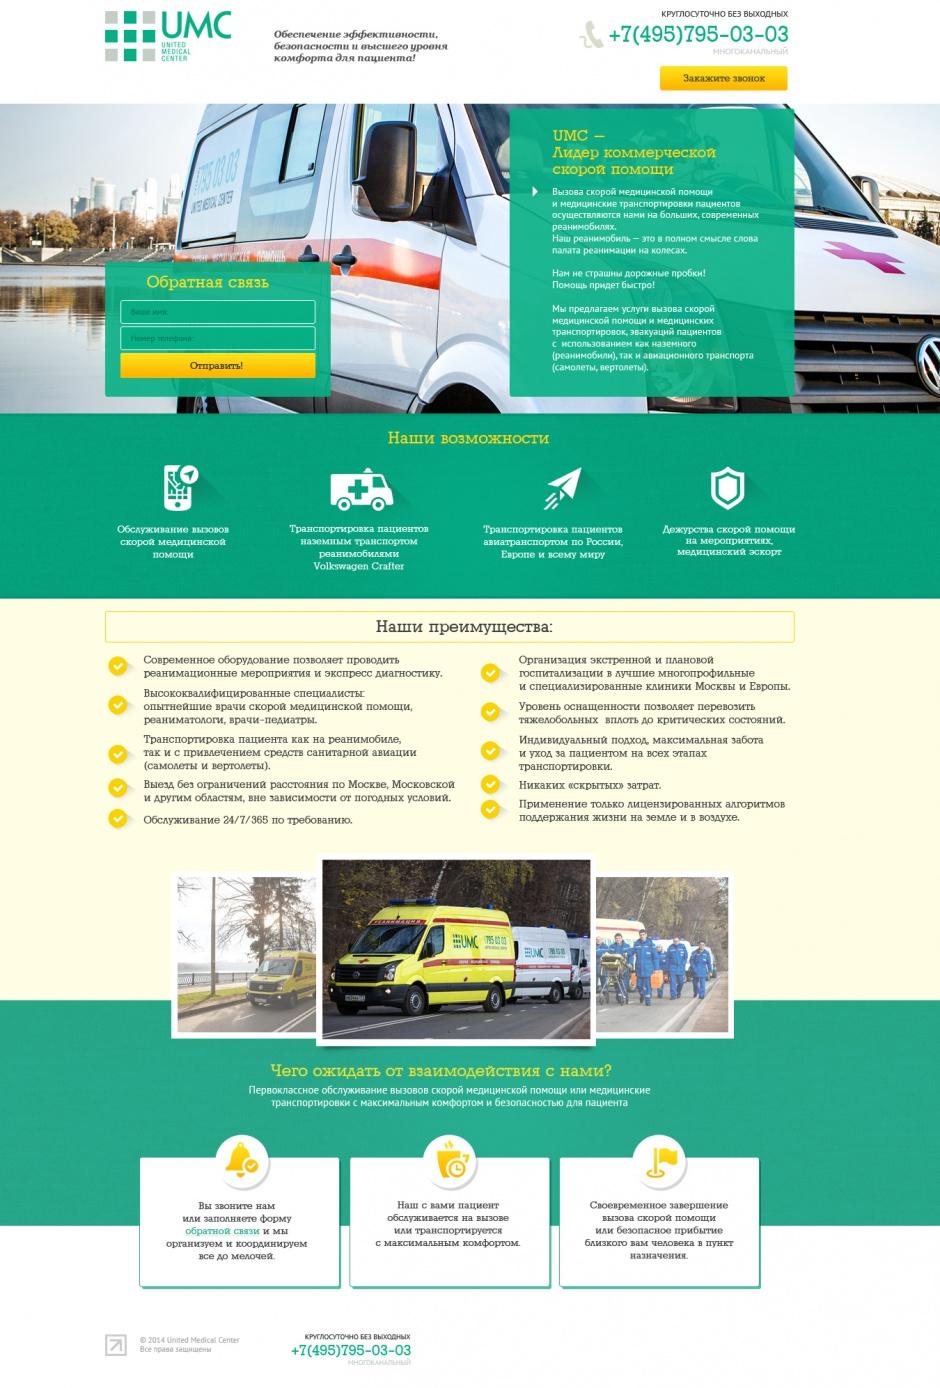 дизайн сайта UMC для Европейского Медицинского Центра - главная страница